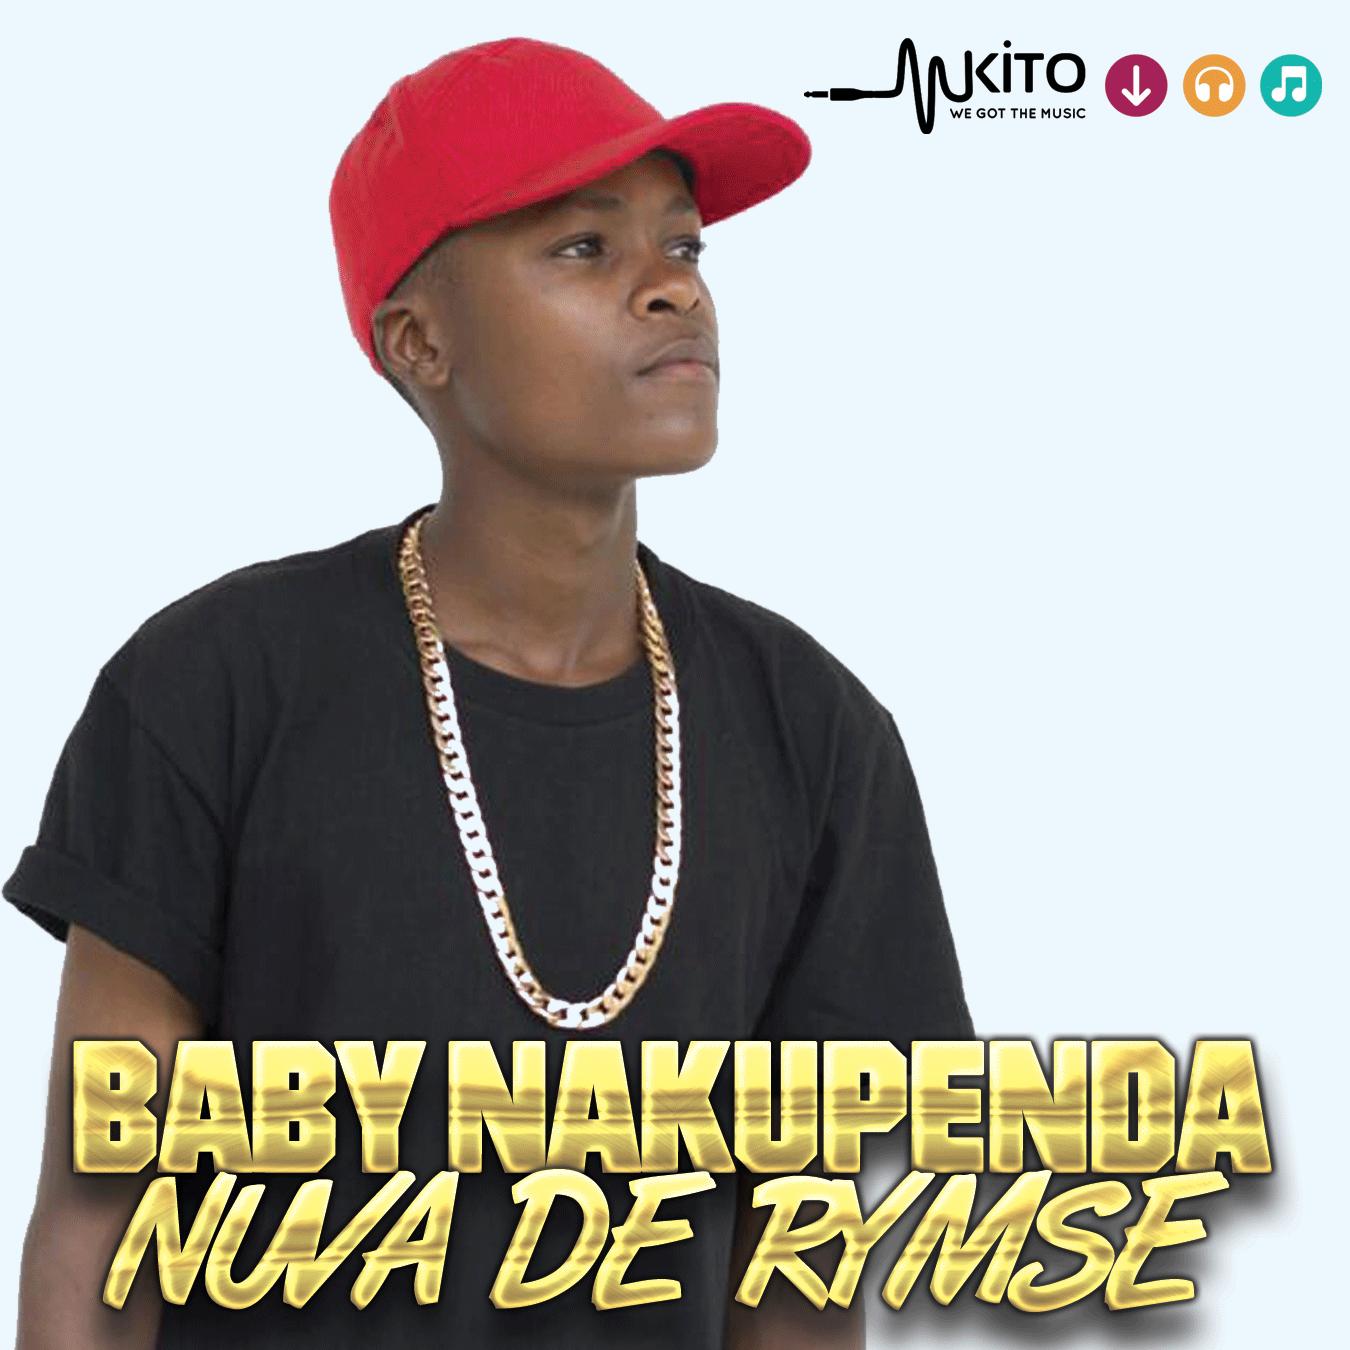 Nuva De Rymse - Baby Nakupenda